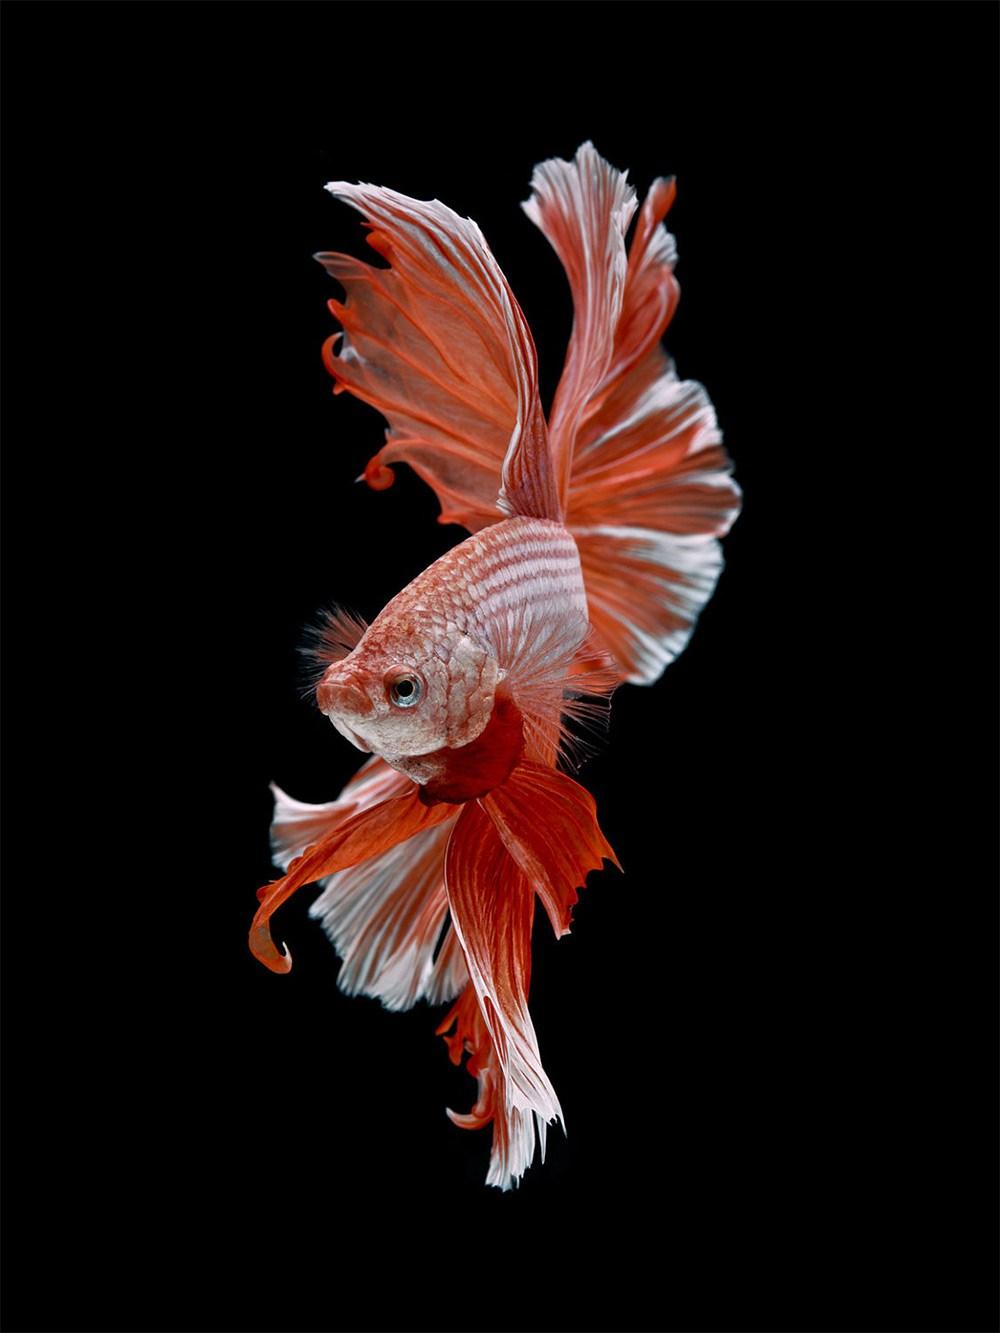 peces-Visarute-Angkatavanich-10